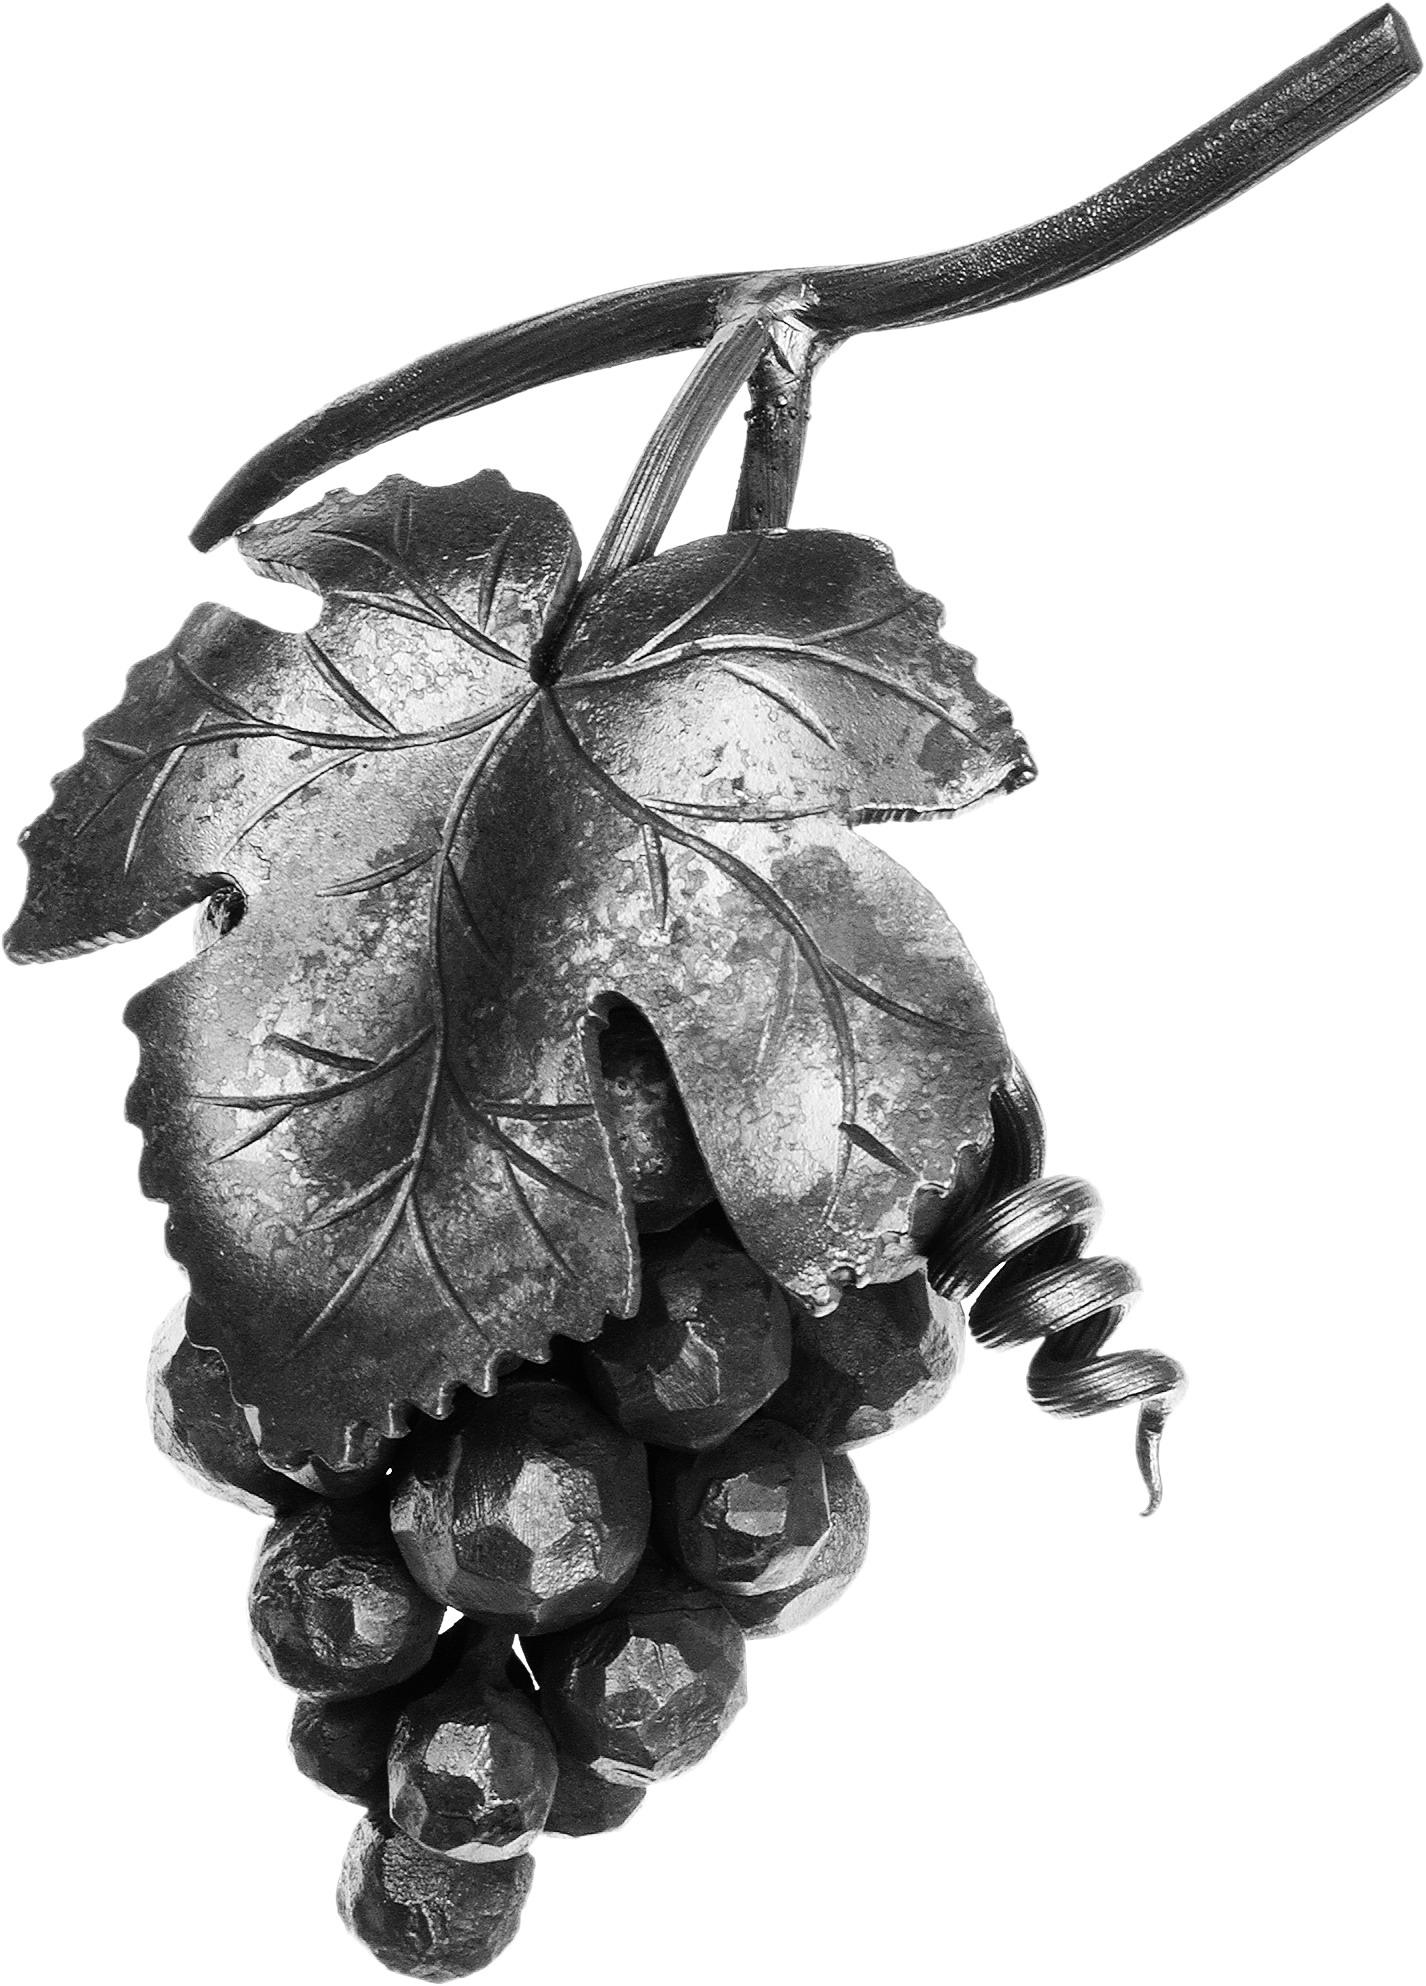 Décor raisin 275x180